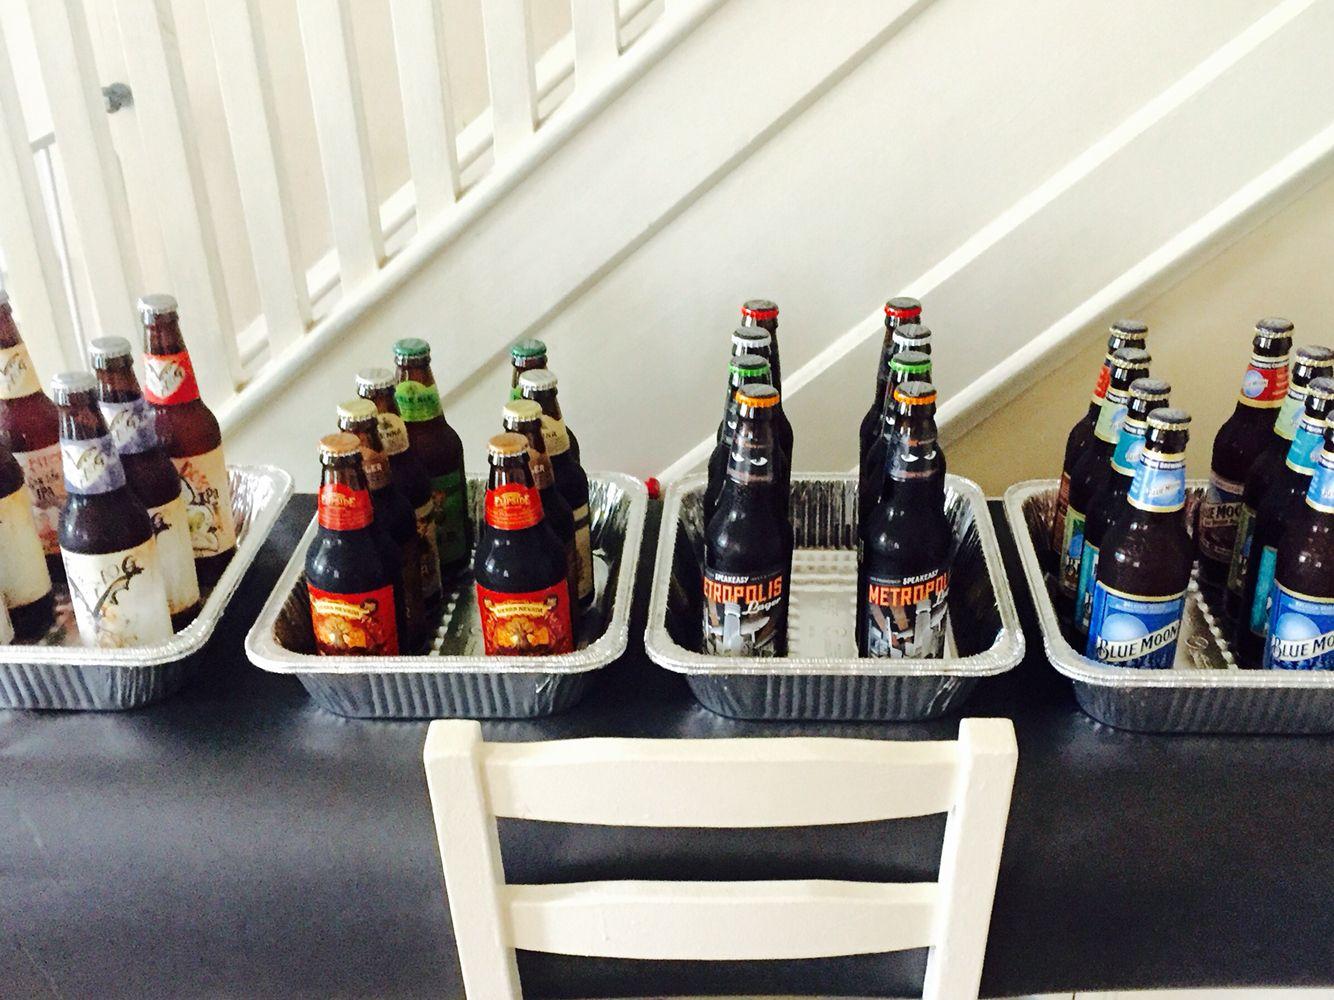 Living room desk converted to 15 beer sample station!